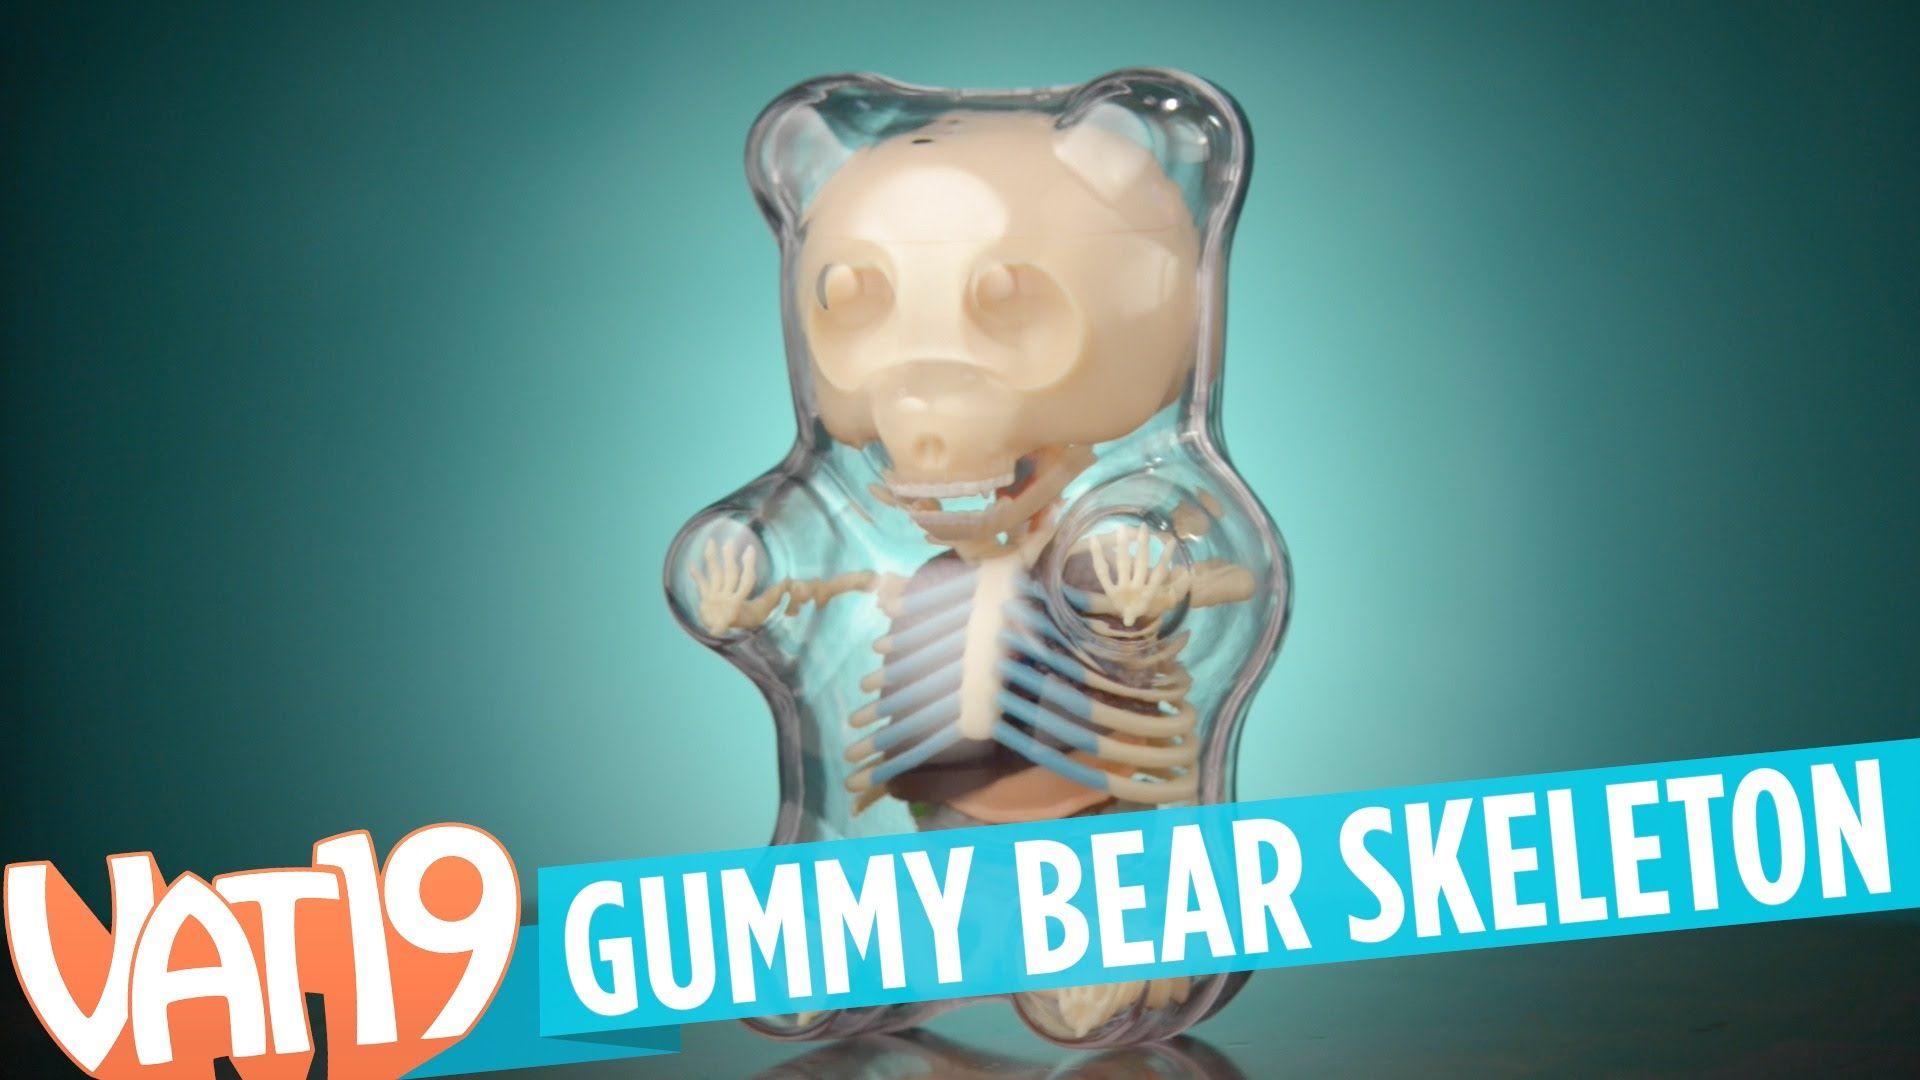 Gummy Bear Skeleton | Christmas Wish List | Pinterest | Bears